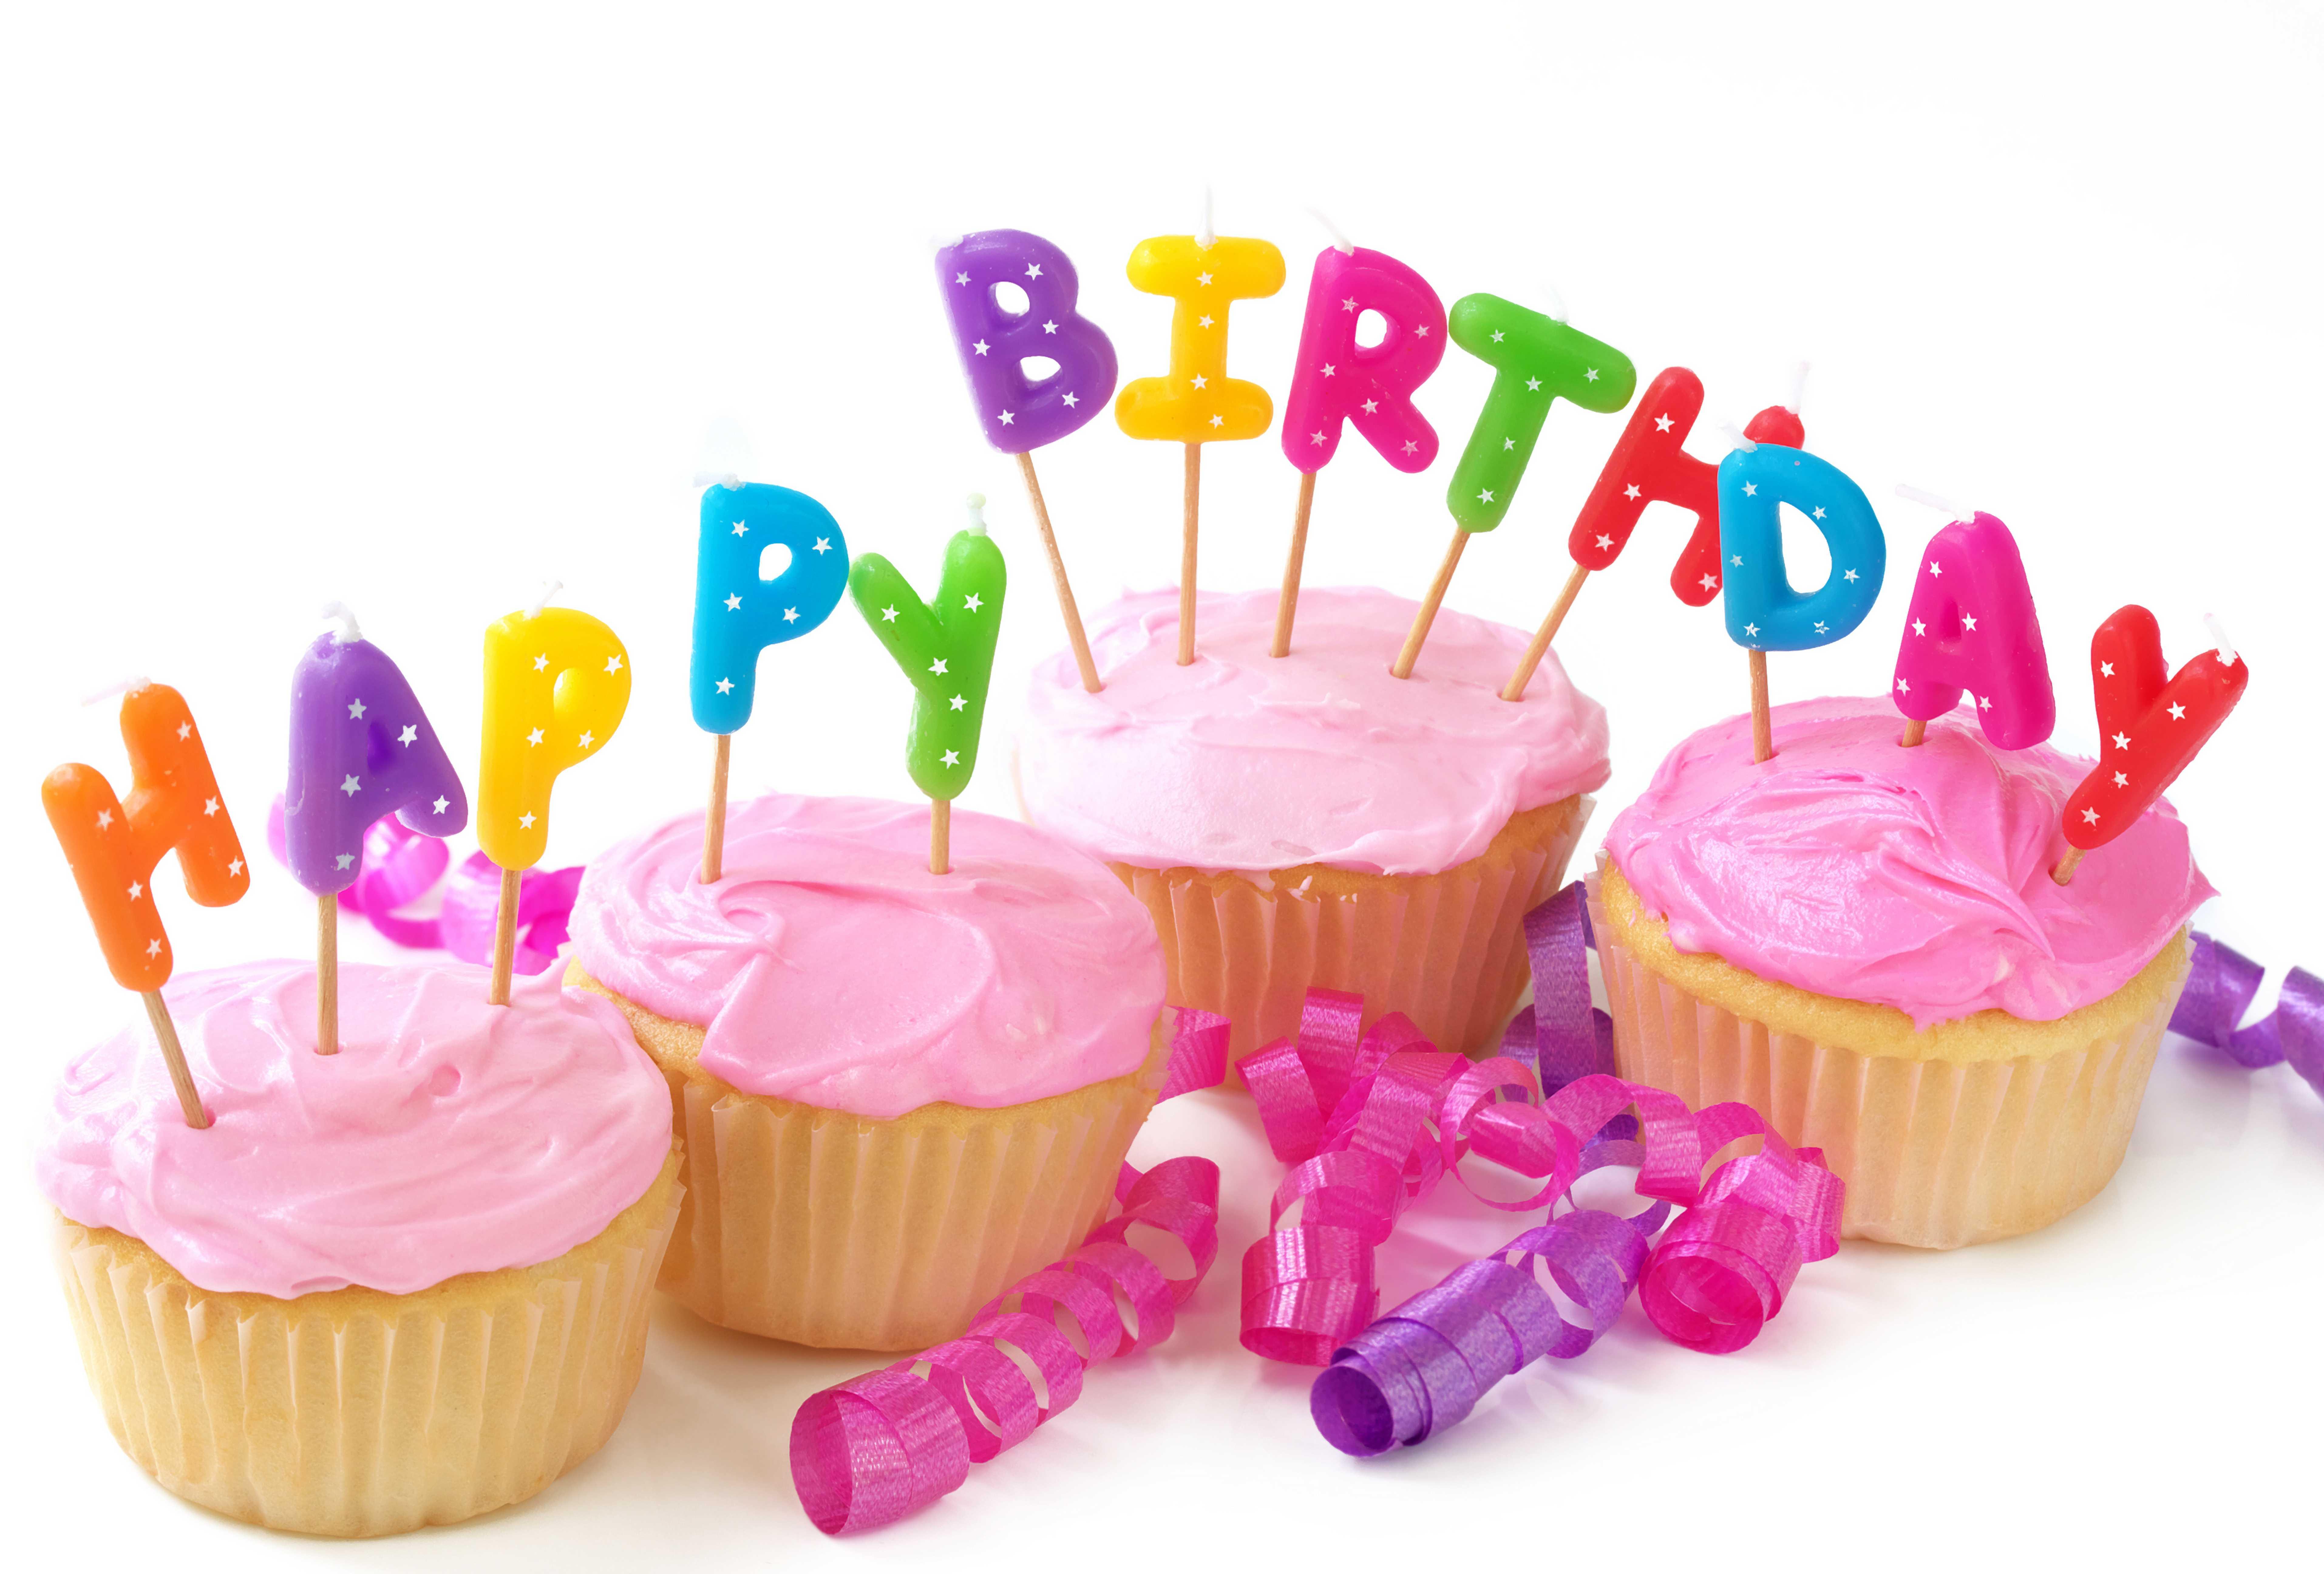 پیام برای تبریک گفتن افتتاحیه Happy Birthday Cupcakes - WallDevil